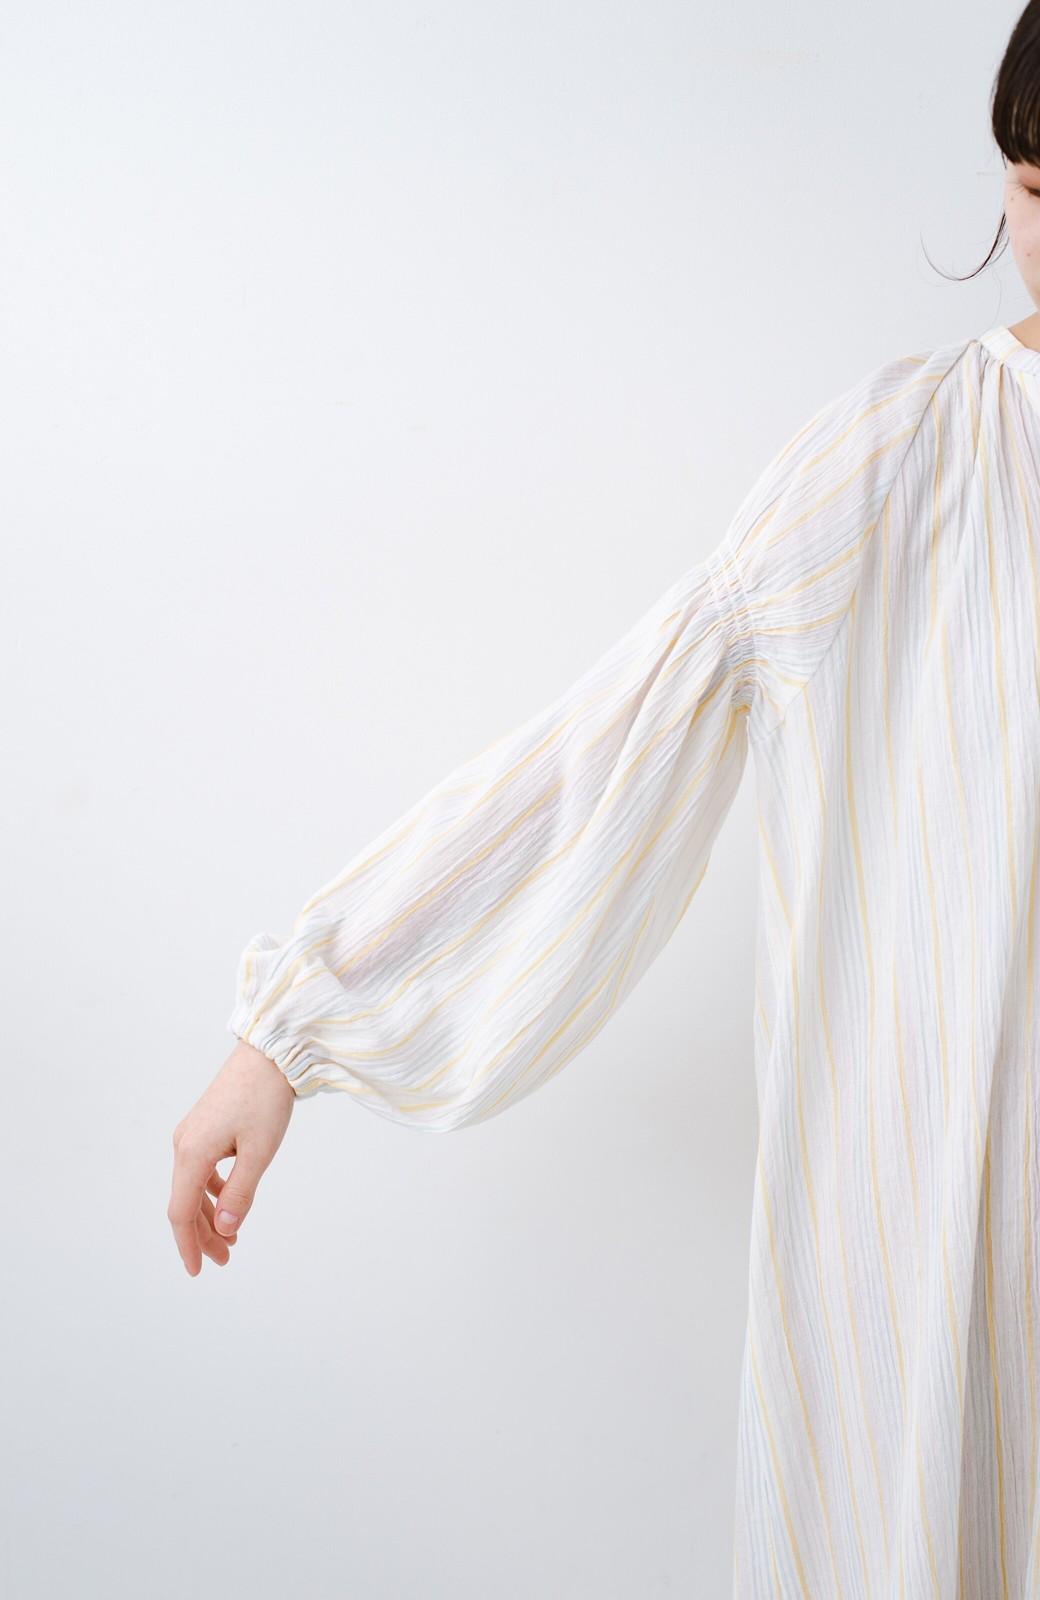 haco! haco! 時間のない朝でも気分の上がる コーデがパッと完成する 羽織にもなるやわらか楊柳素材のストライプワンピース <ホワイト×イエロー>の商品写真8